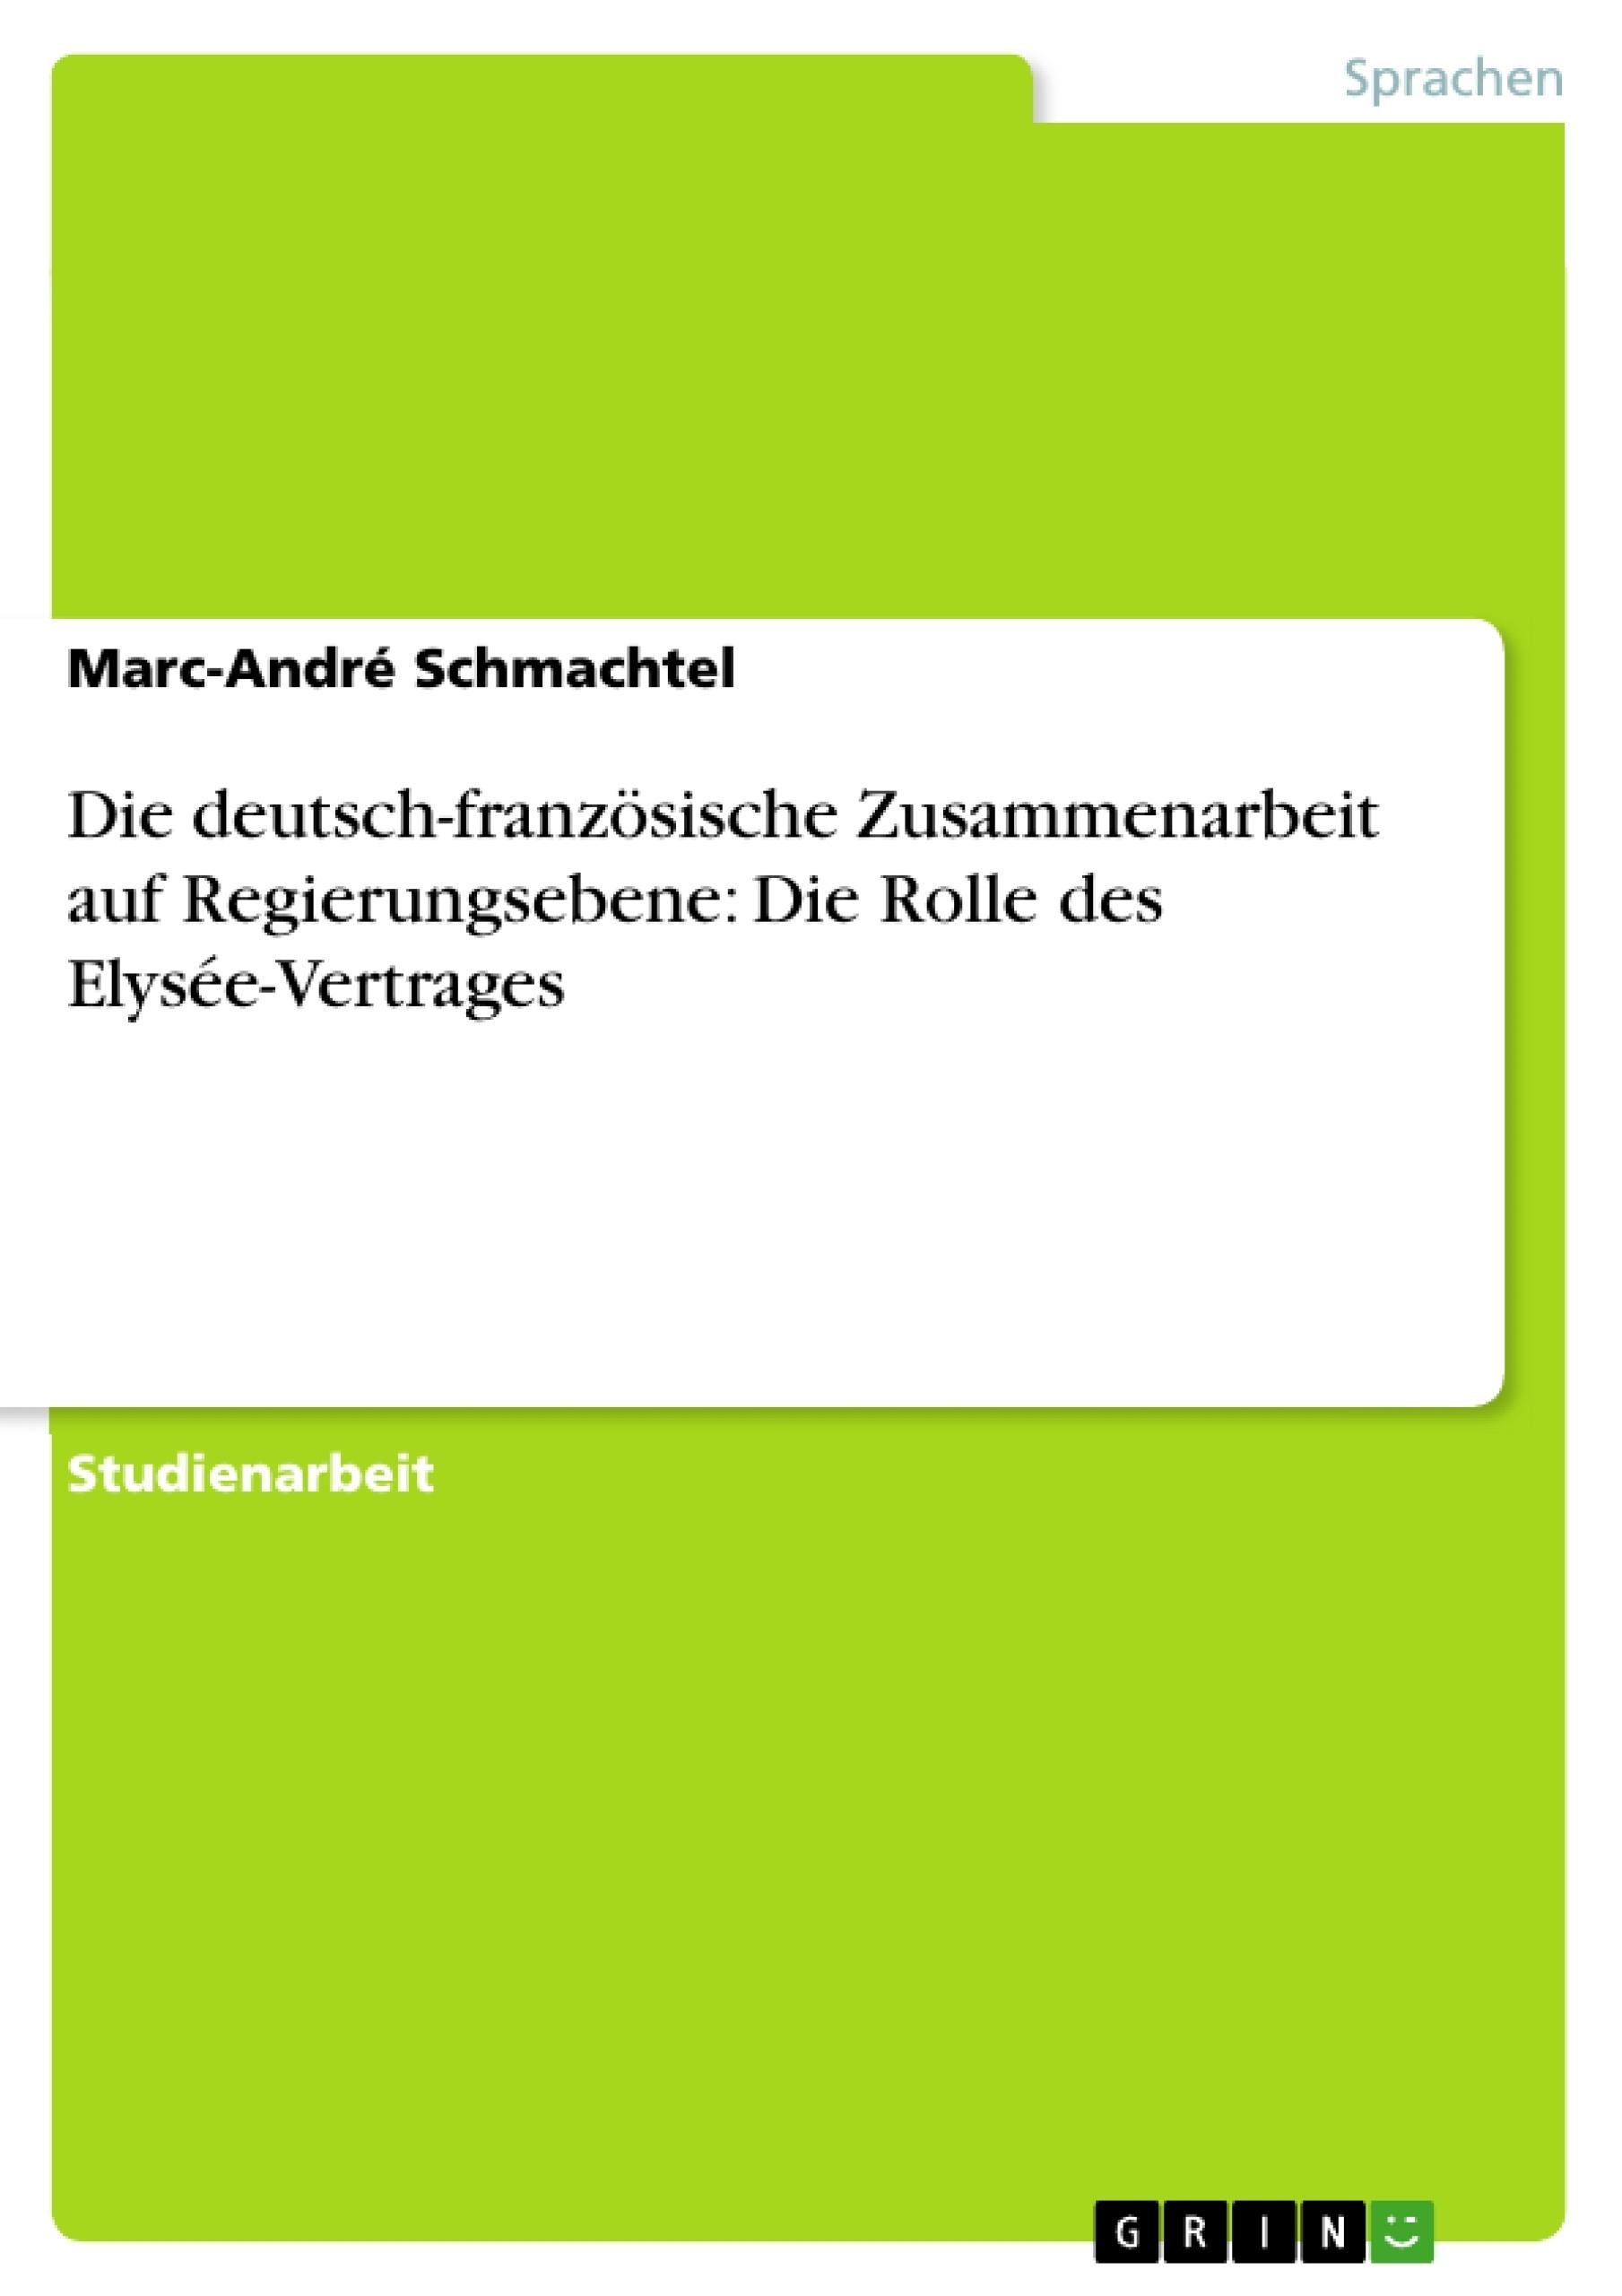 Titel: Die deutsch-französische Zusammenarbeit auf Regierungsebene: Die Rolle des Elysée-Vertrages